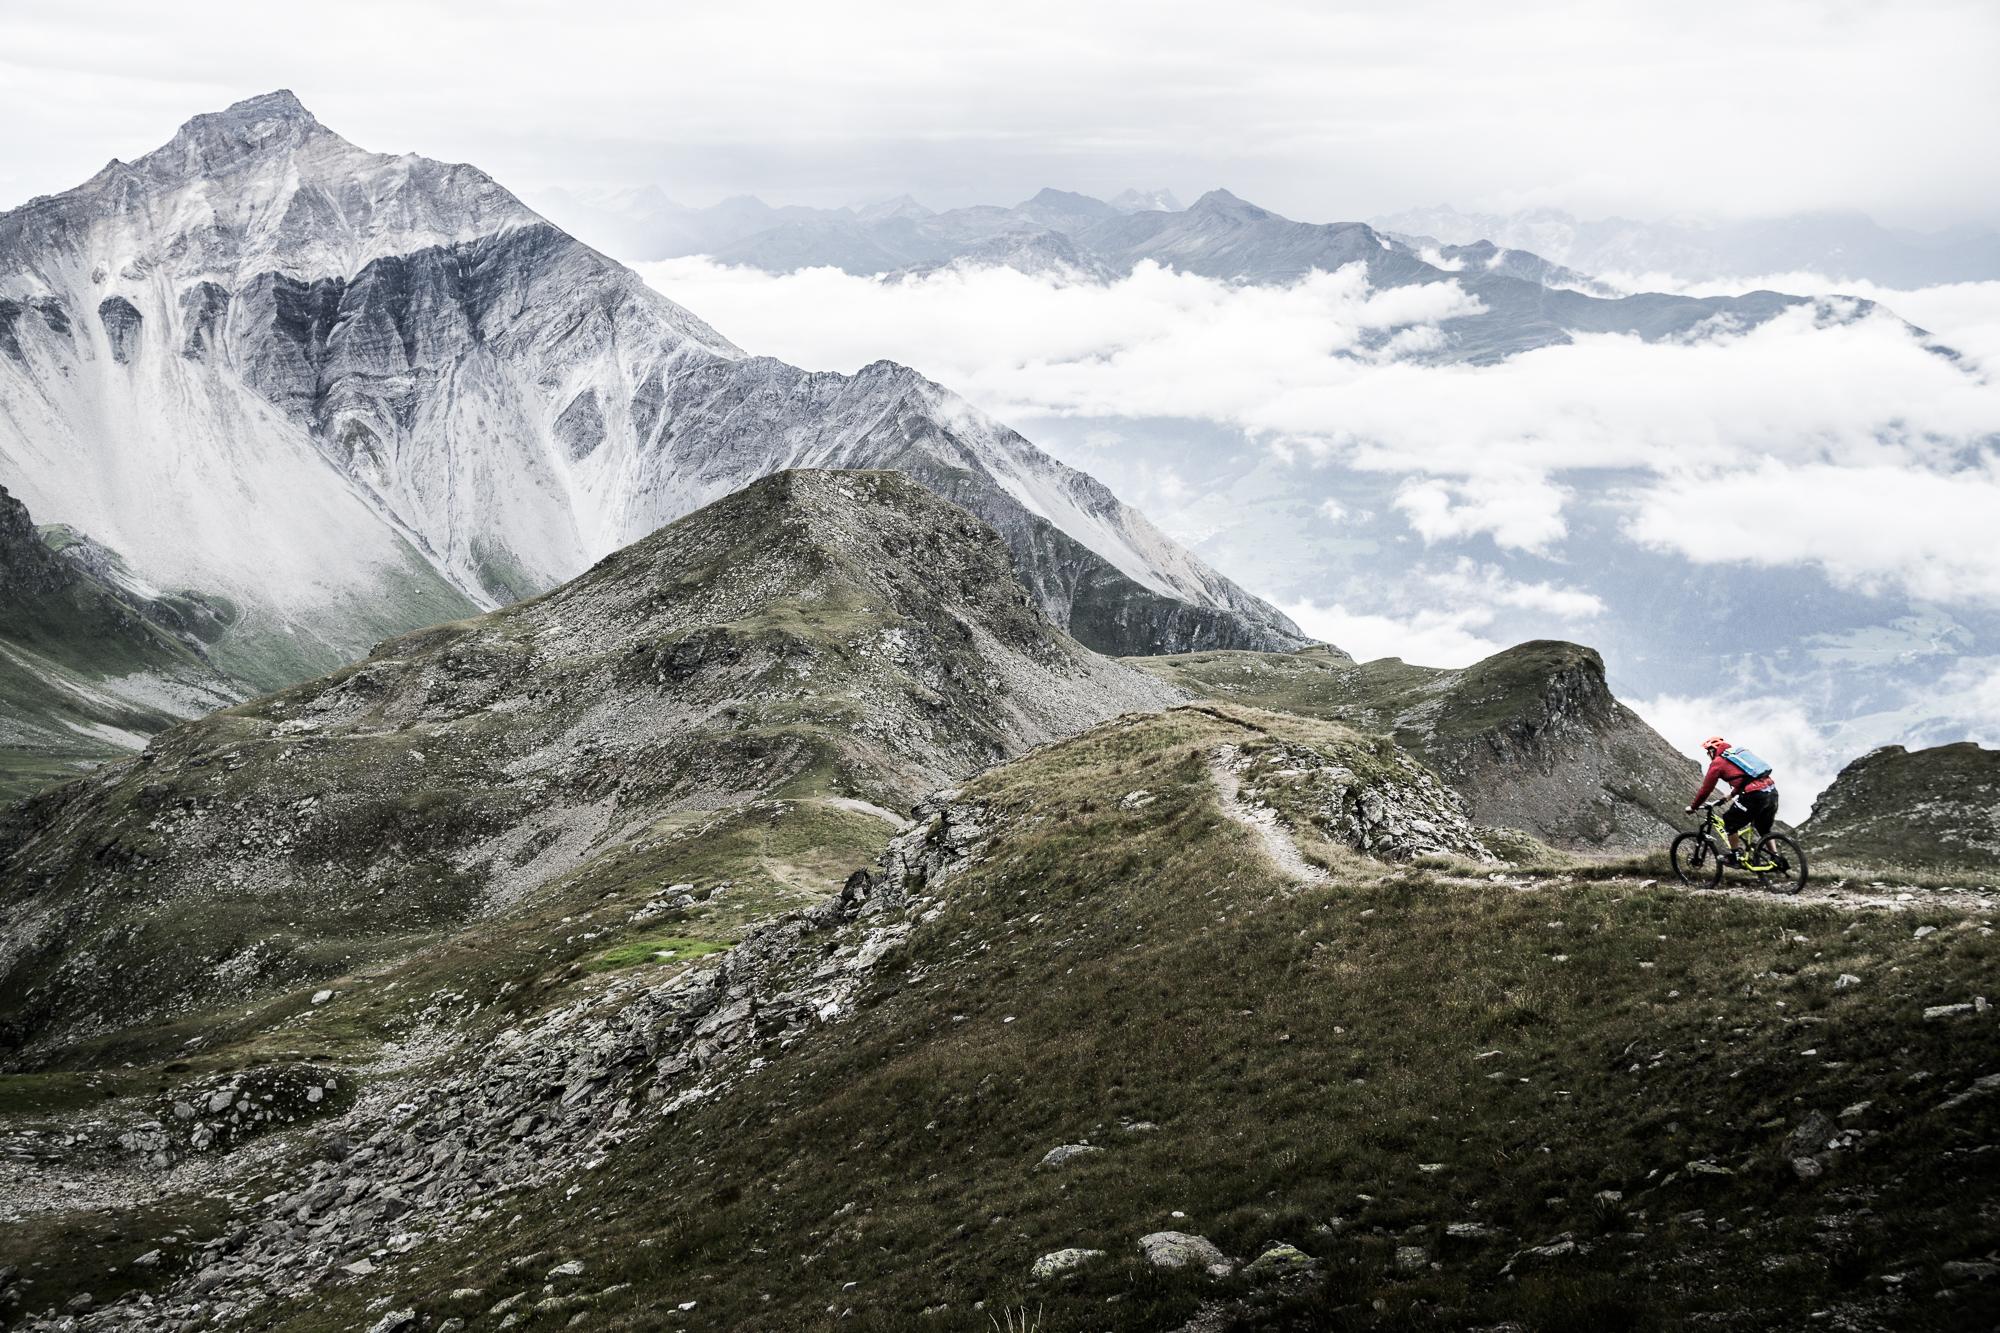 Traumhafte Landschaften und atemberaubende Trails in neuen Destinationen.